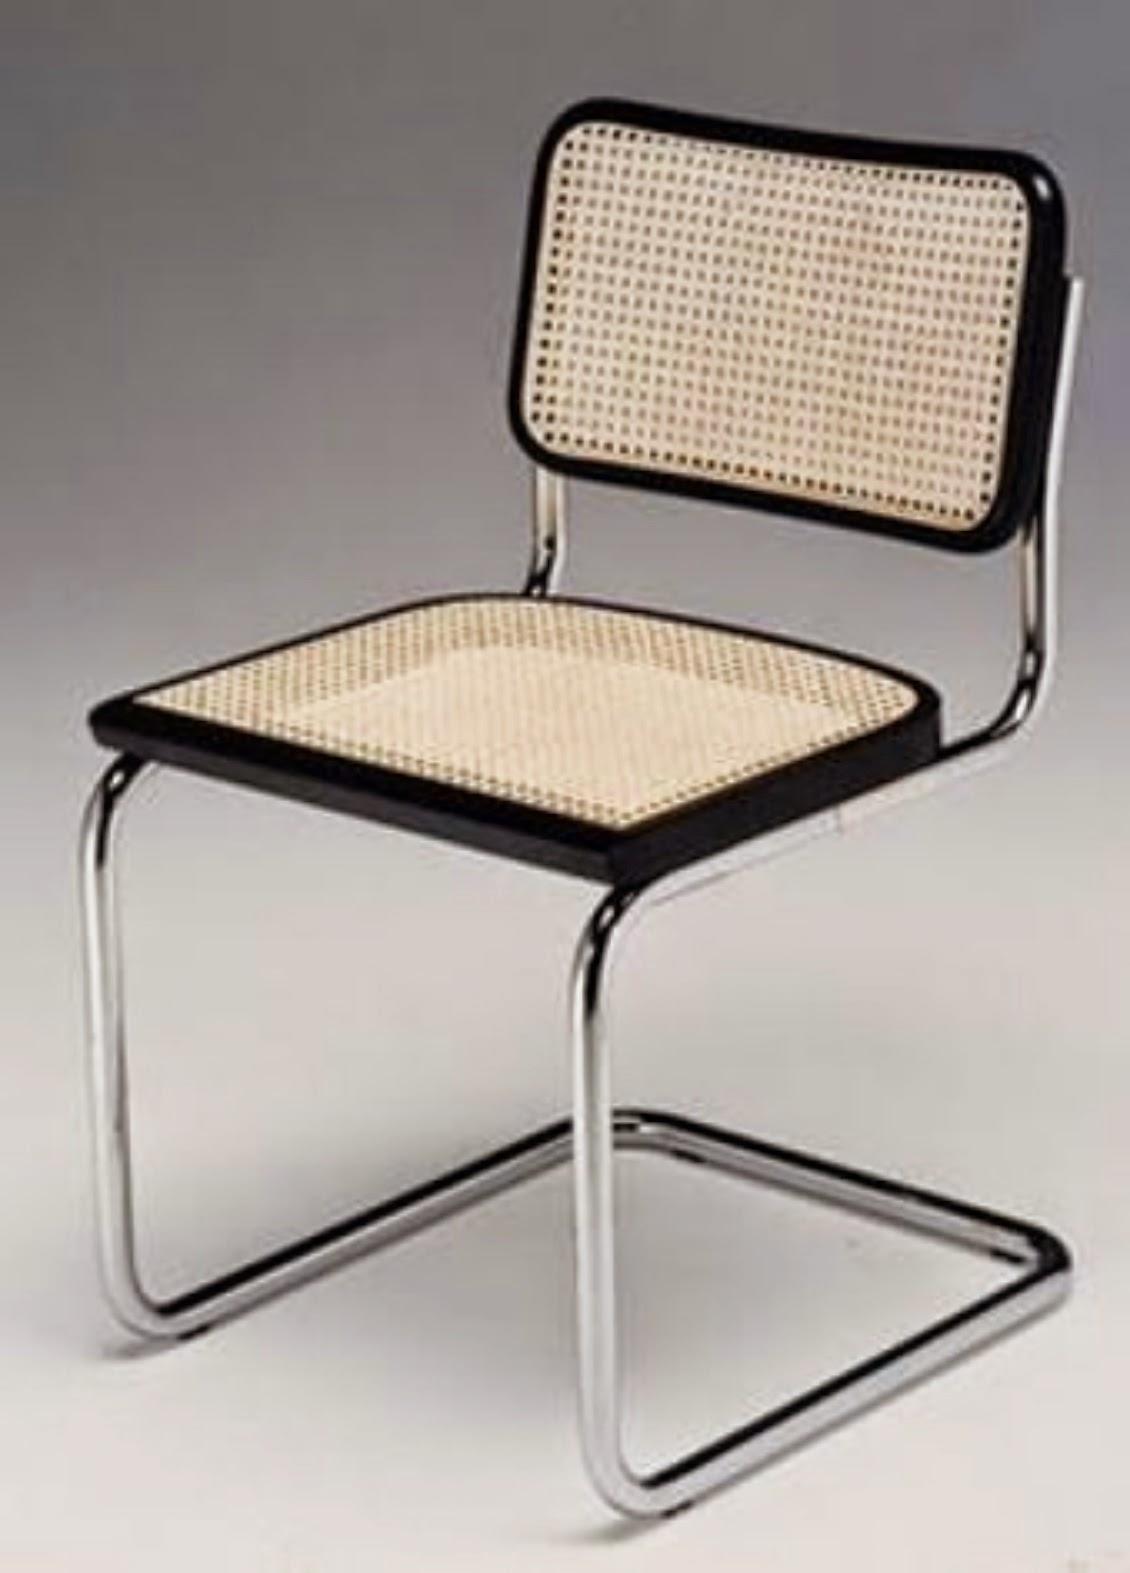 Marcel Breuer Chair Dolphin Massage Art History The Bauhaus